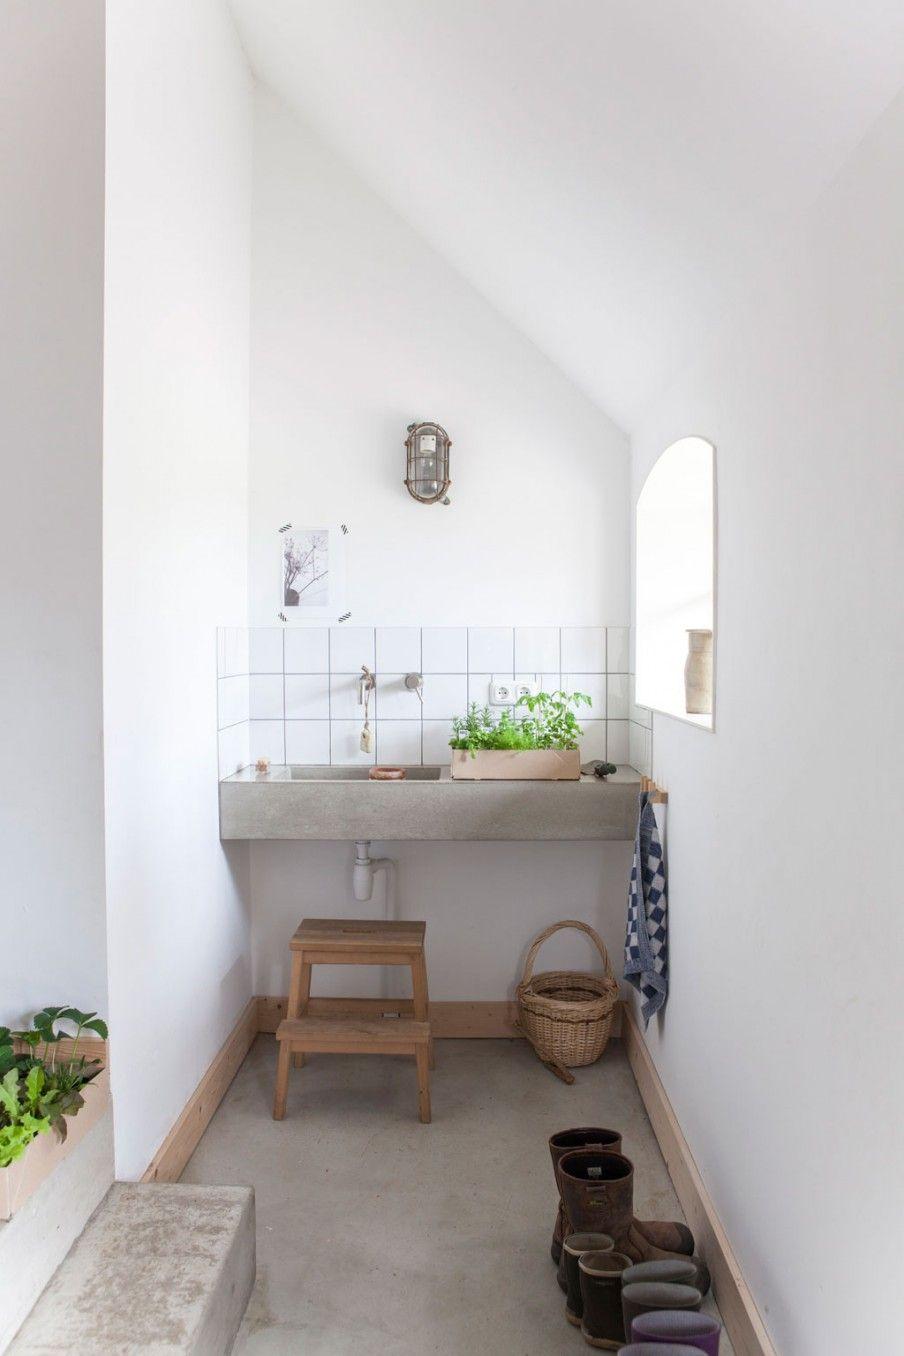 Witte badkamer, betonnen wastafel, krukje | White bathroom, concrete ...